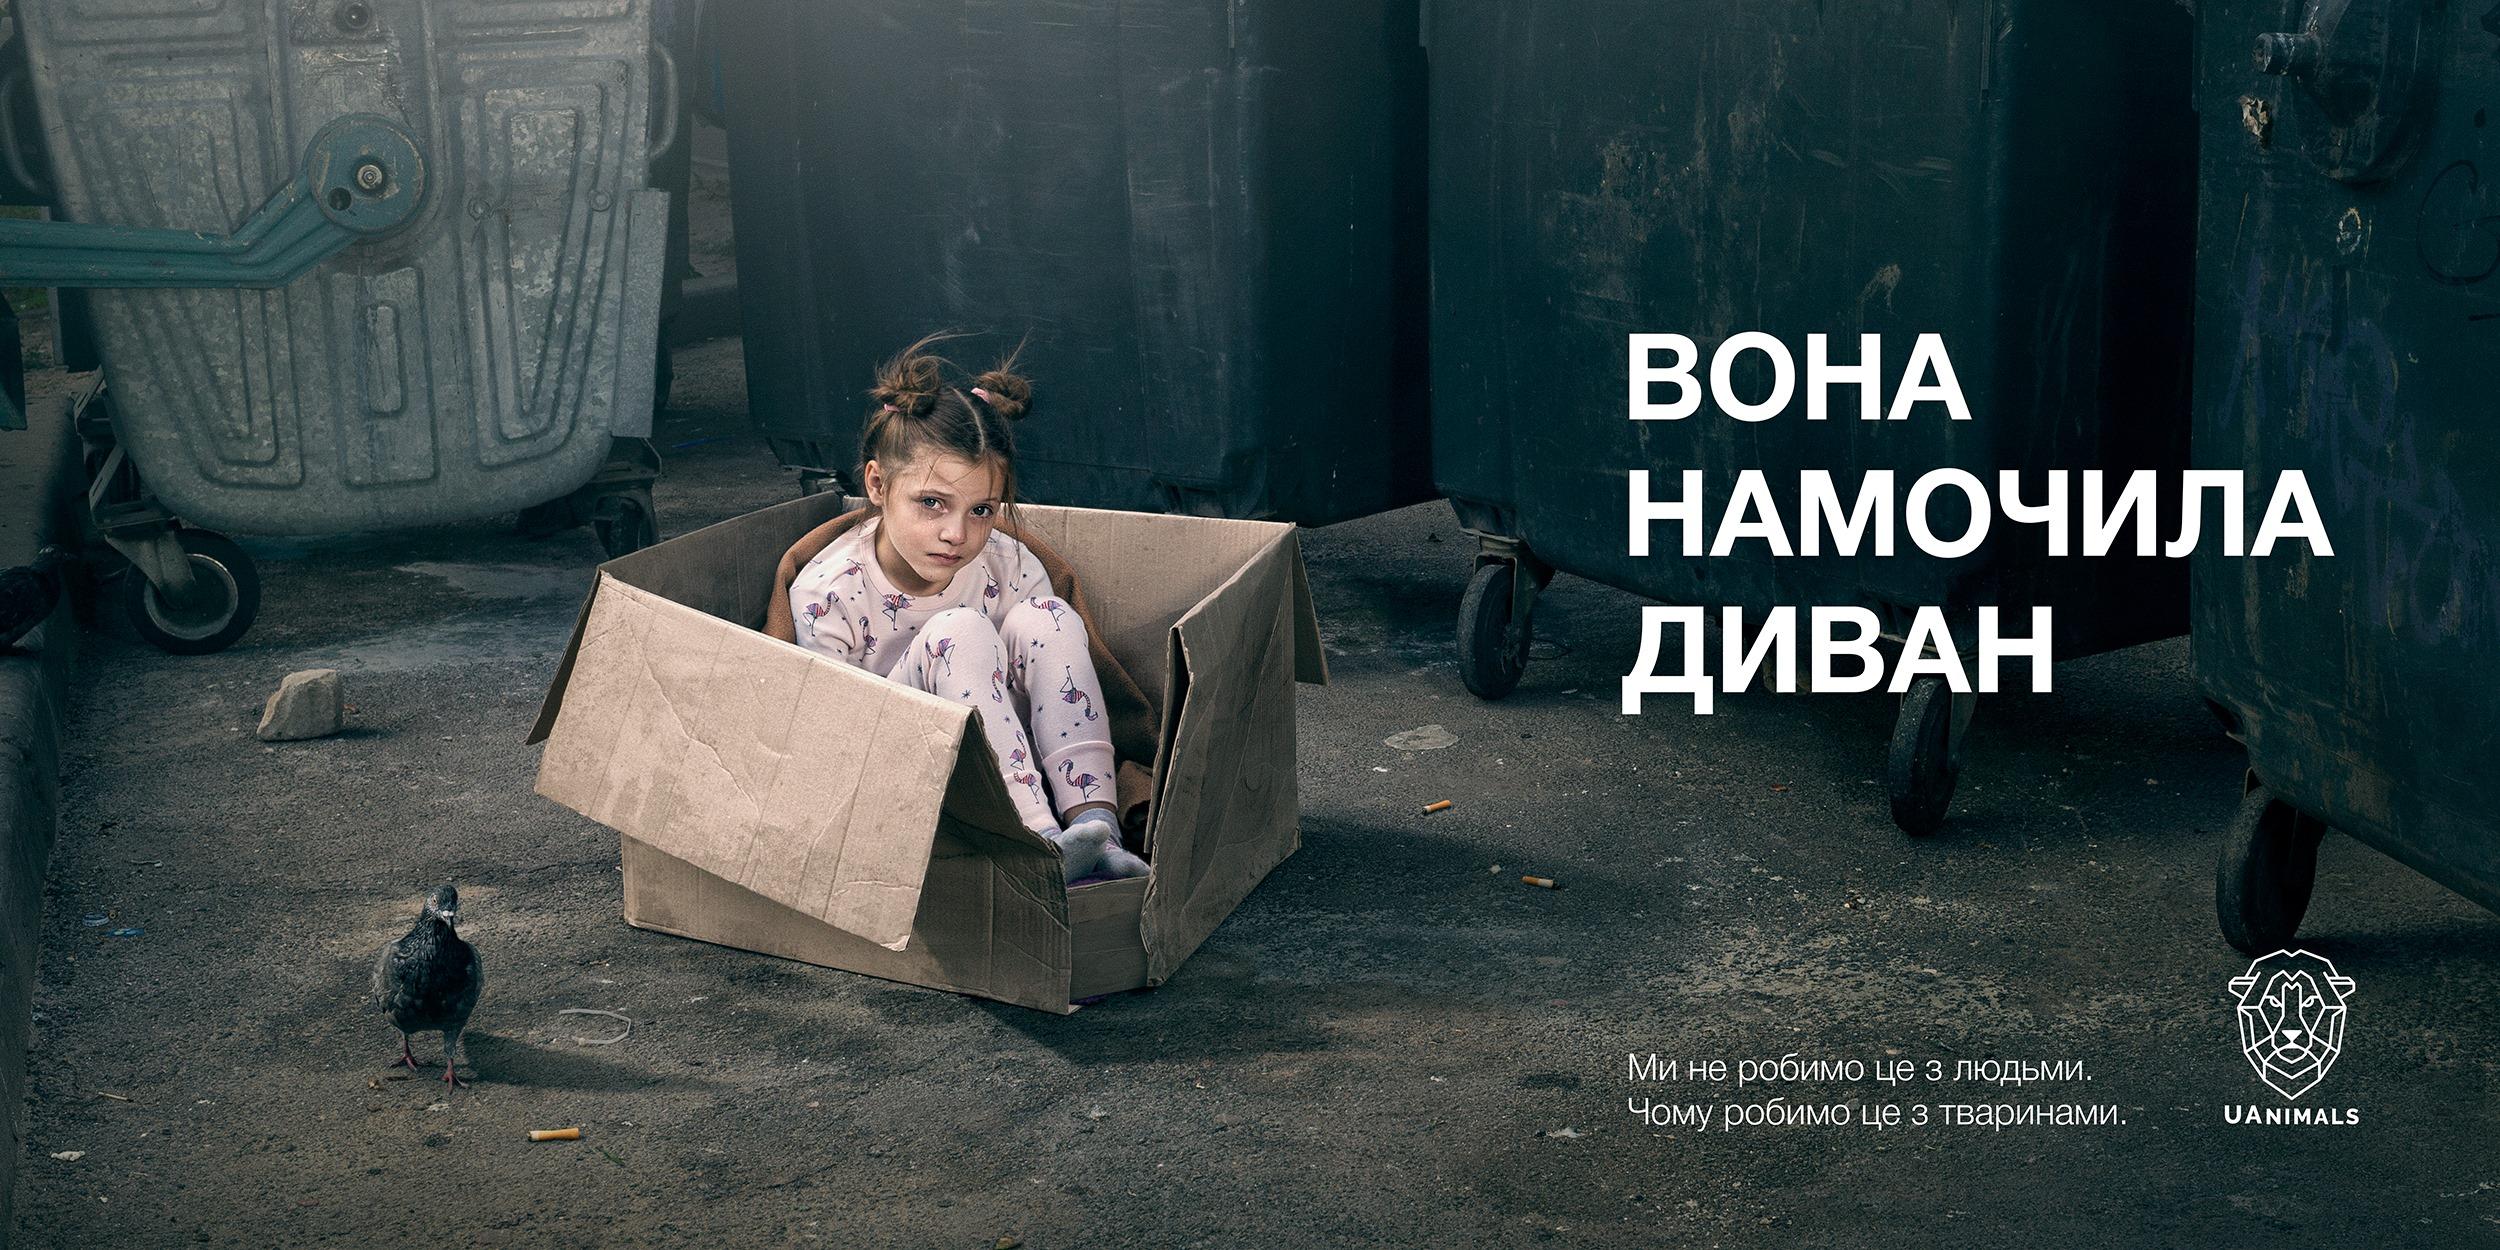 Просто надоел: украинские зоозащитники создали острую социальную рекламу